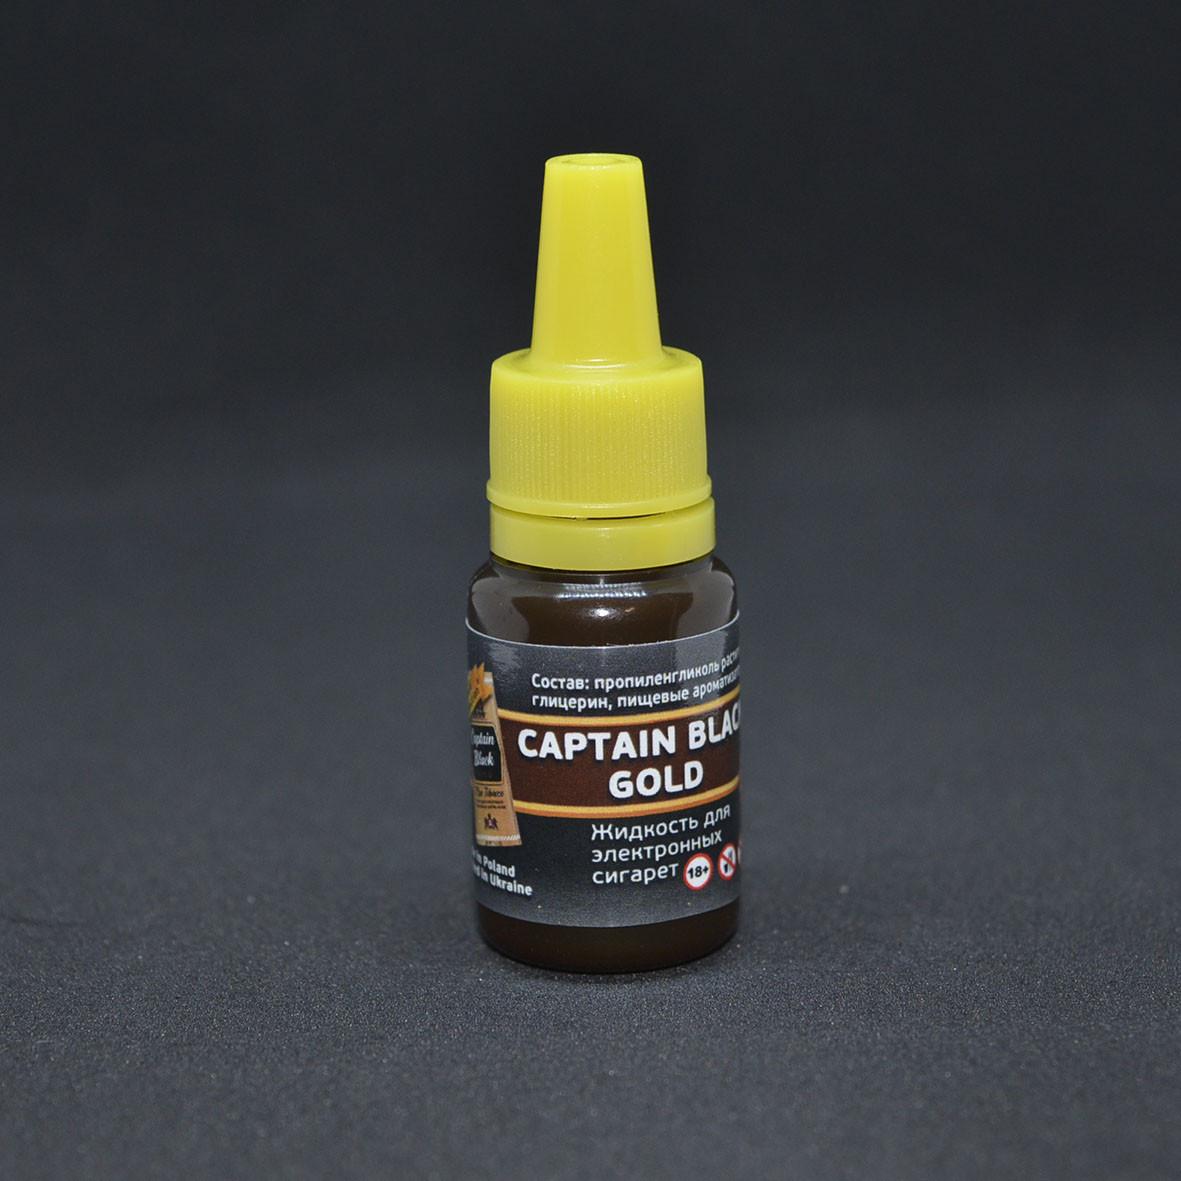 """Жидкость для электронной сигареты """"Captain Black Gold"""" 3мг/мл"""